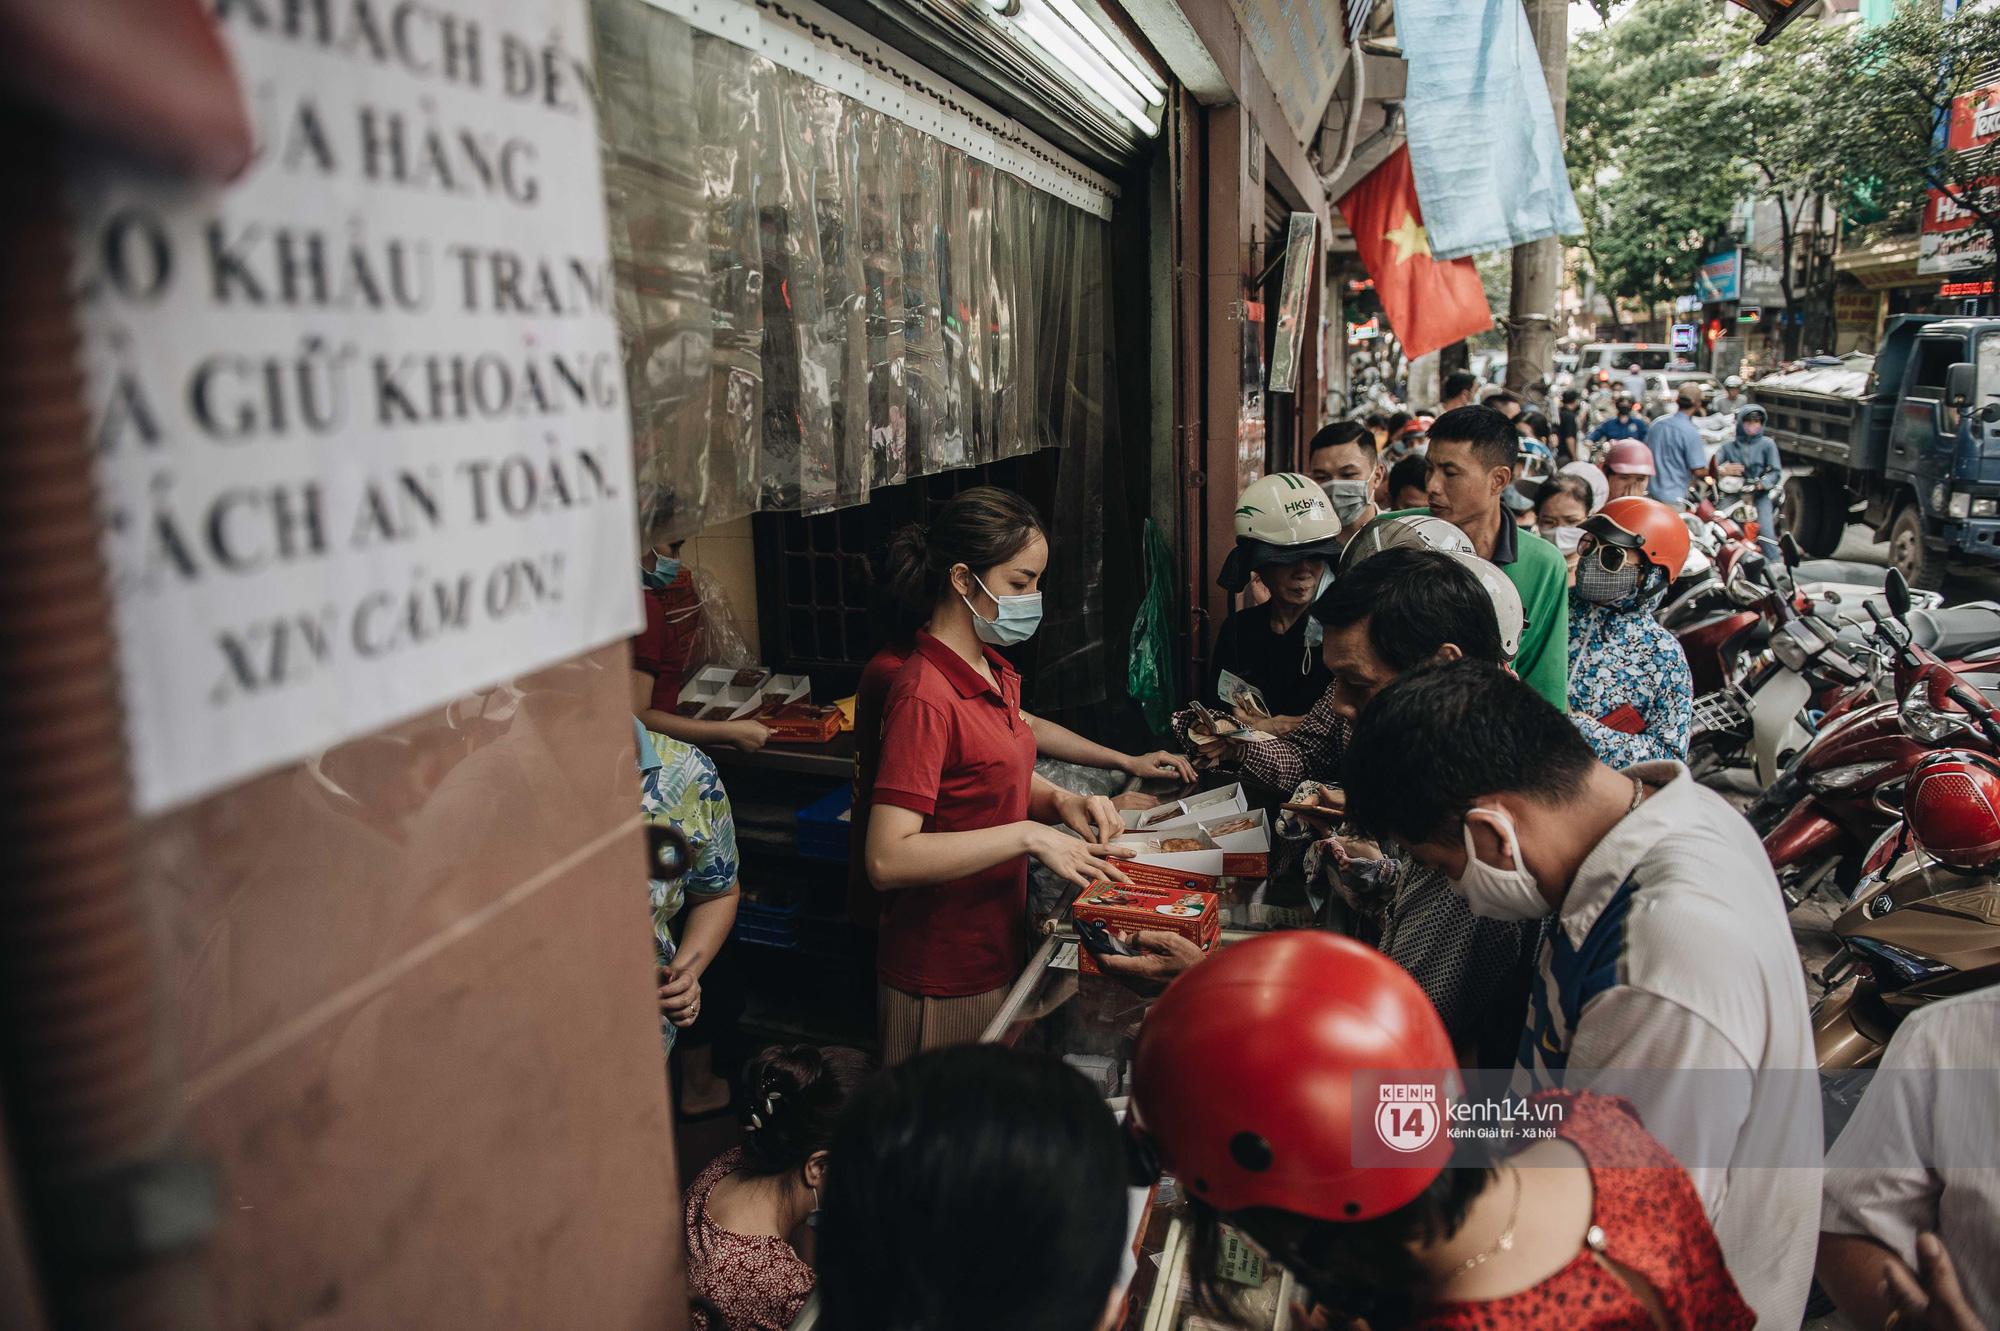 CEO tiệm bánh Trung thu Bảo Phương nức tiếng Hà Nội tiết lộ đơn hàng kín chỗ đến hết rằm, sắp đóng cửa treo biển hết bánh! - Ảnh 3.